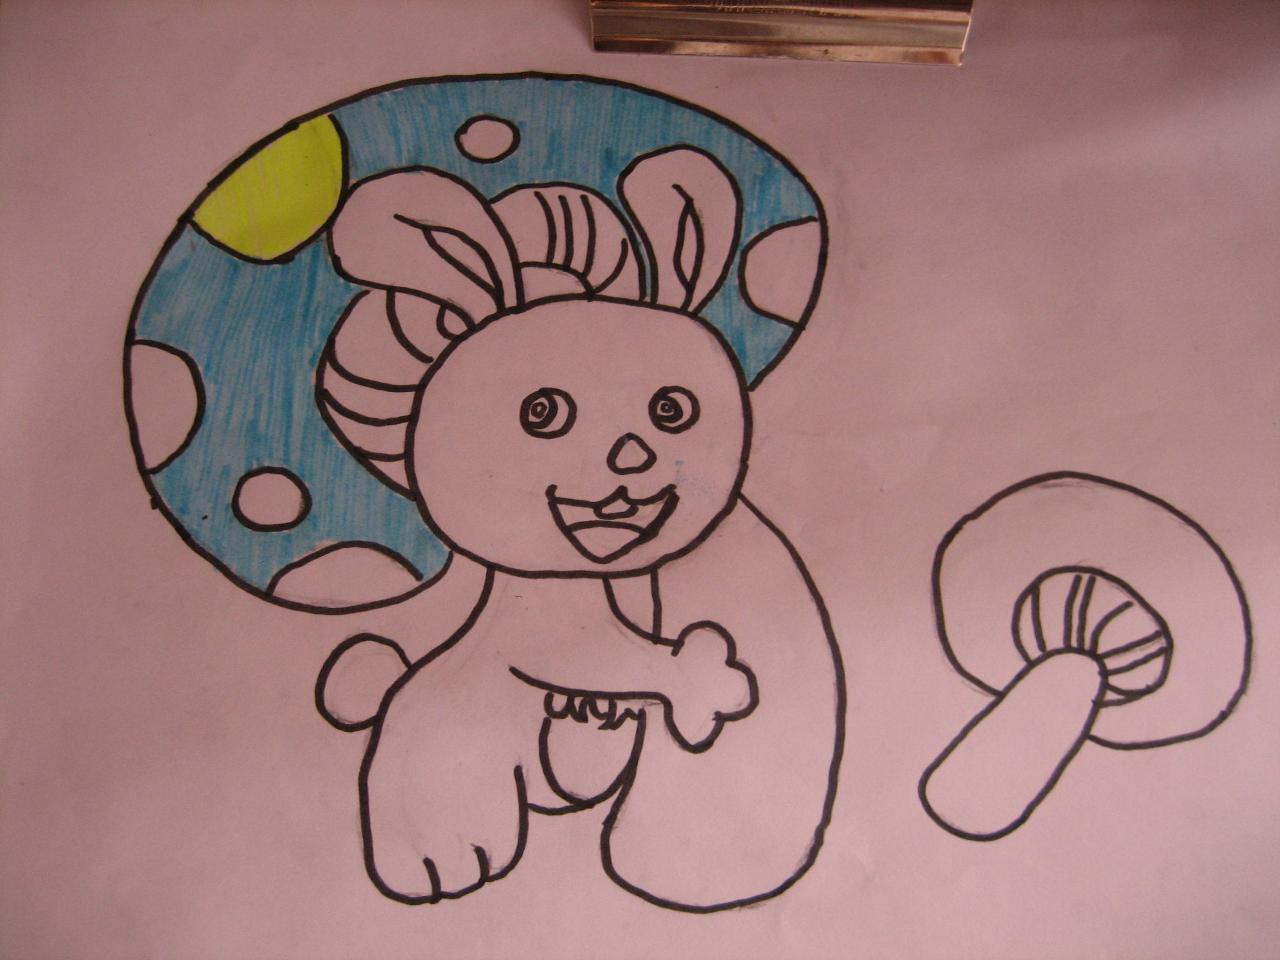 主题: 新世纪幼儿园绘画班照片合辑